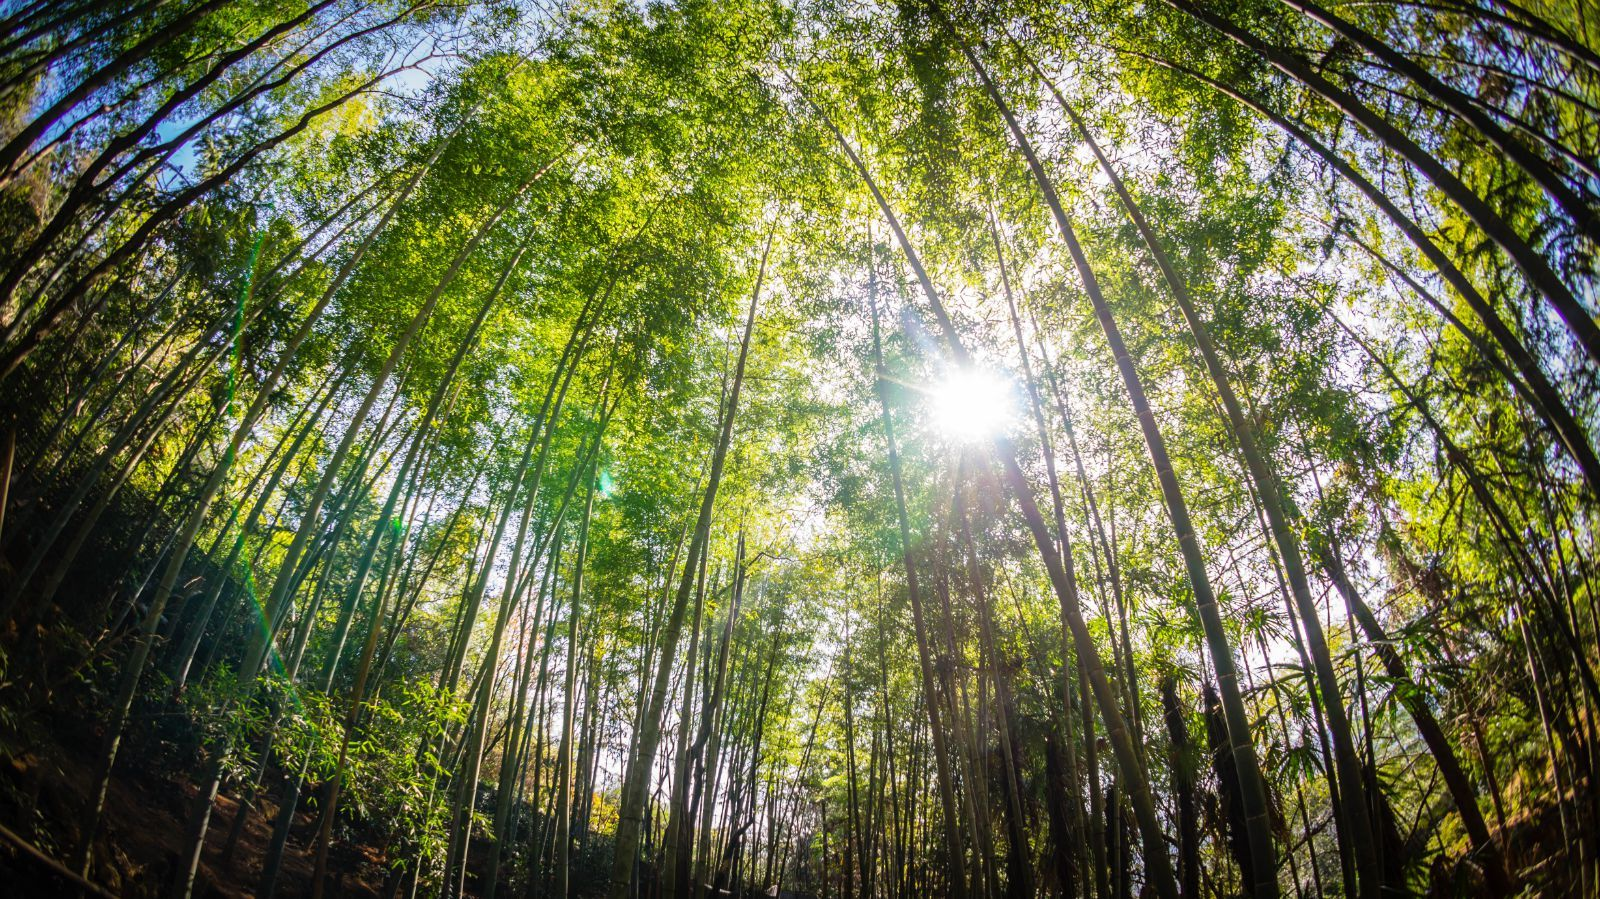 享采茶,紫砂,品美味竹筒饭,探秘深山竹林之旅,住云海间度假酒店 1晚